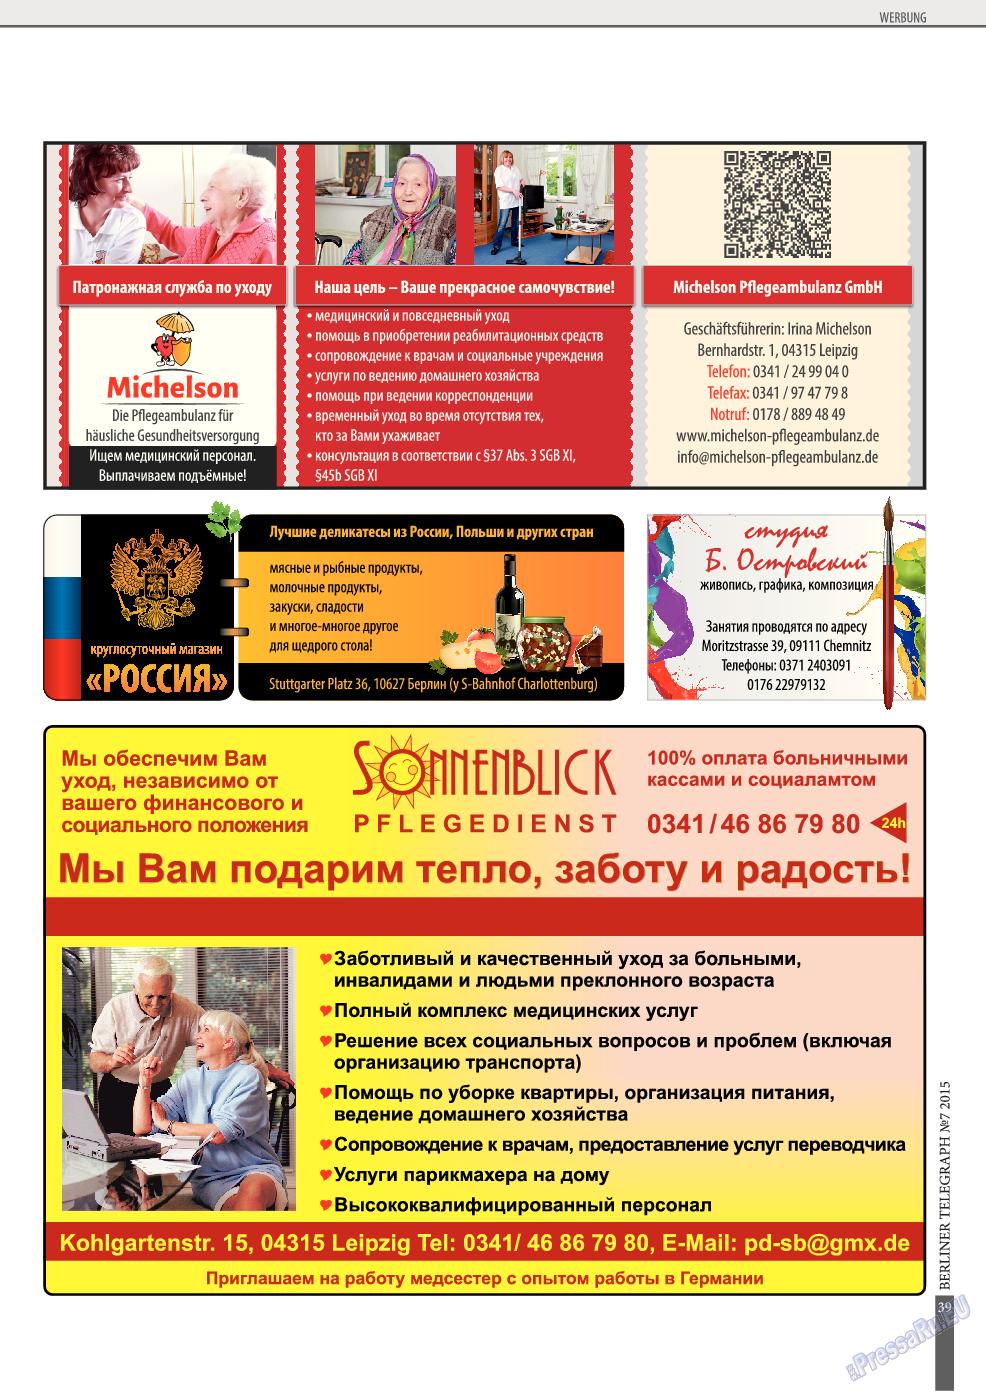 Берлинский телеграф (журнал). 2015 год, номер 8, стр. 39